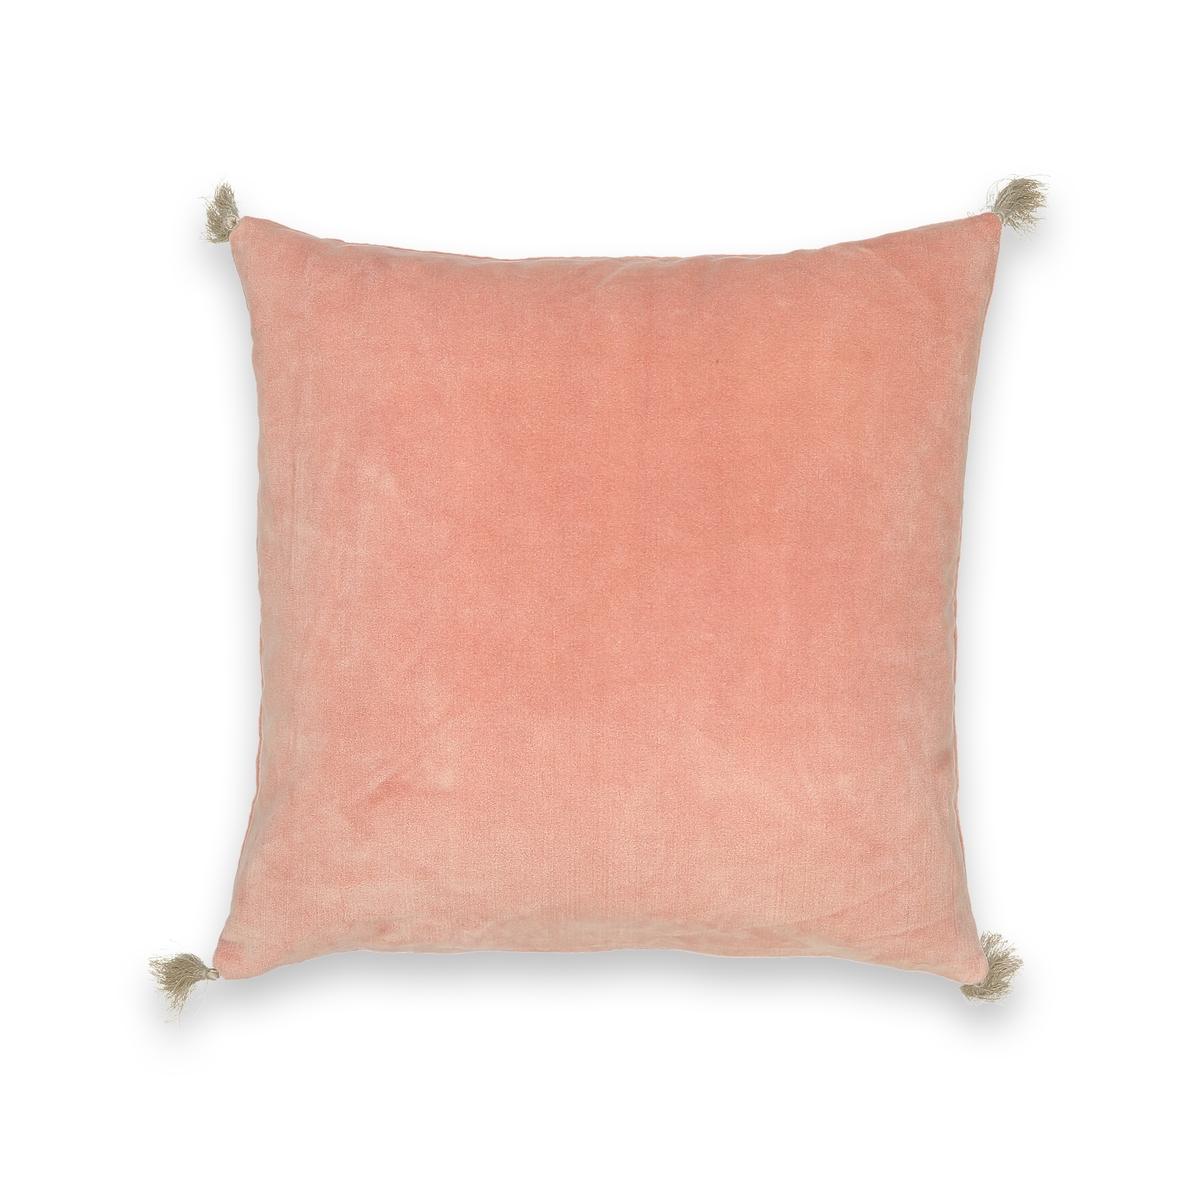 Наволочка LaRedoute Велюровая с эффектом старины Cacolet 50 x 30 см розовый